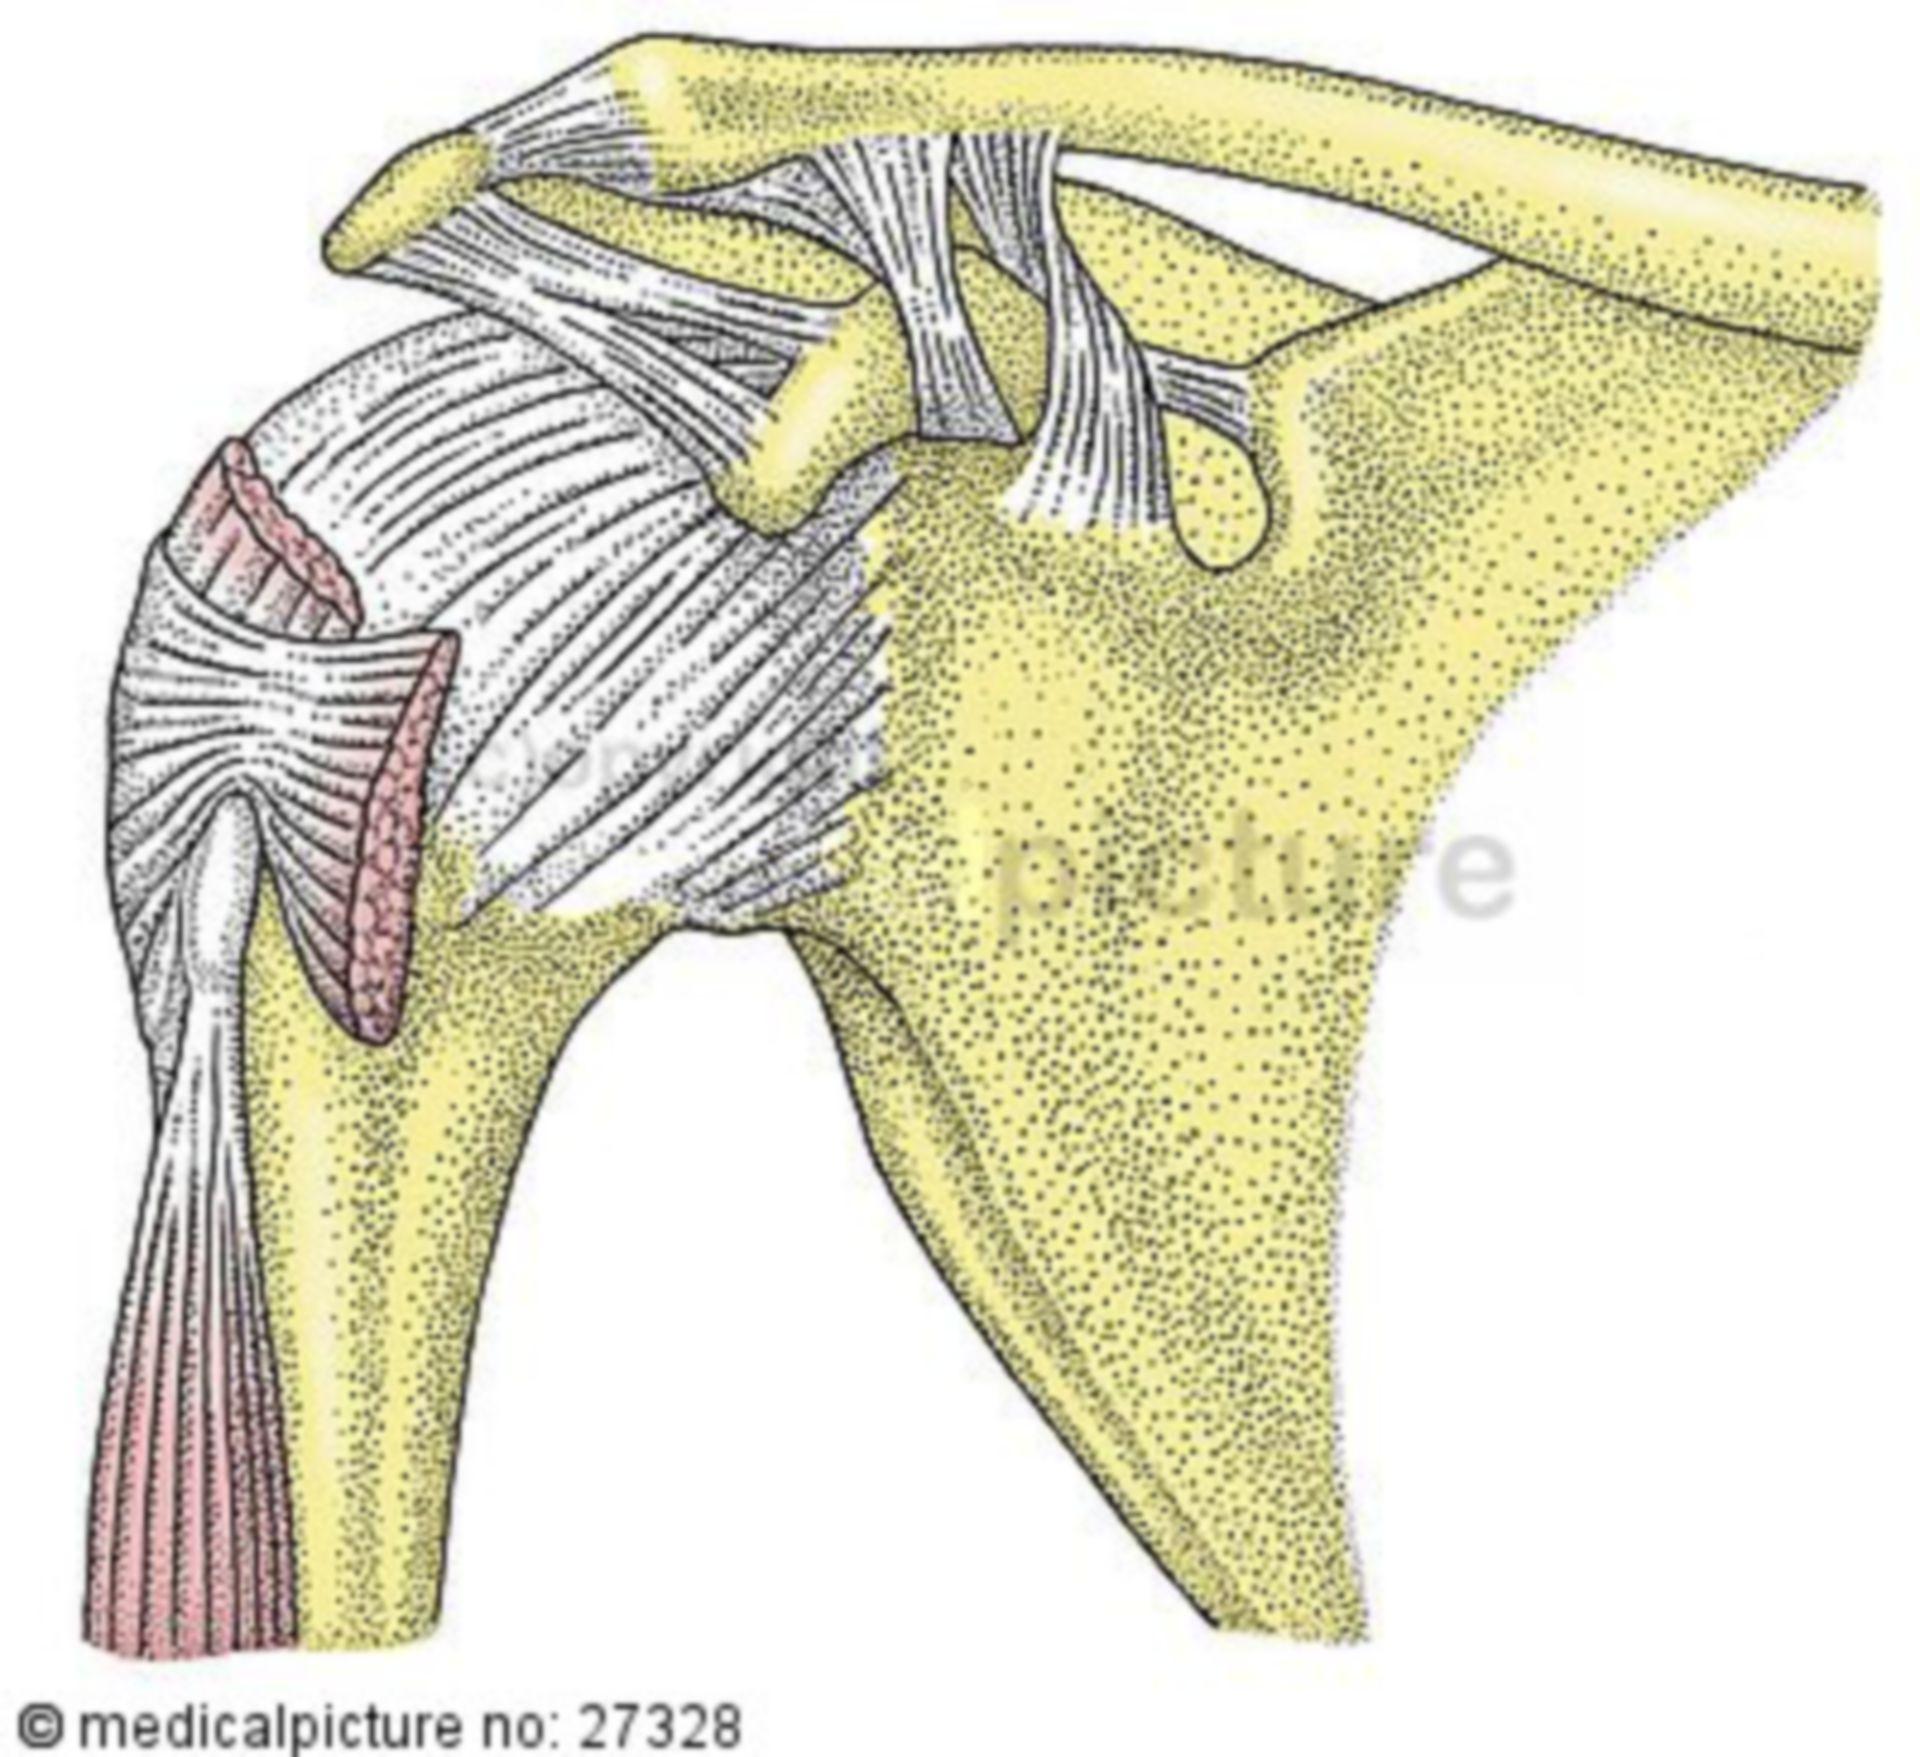 Bandapparat des Schultergelenks